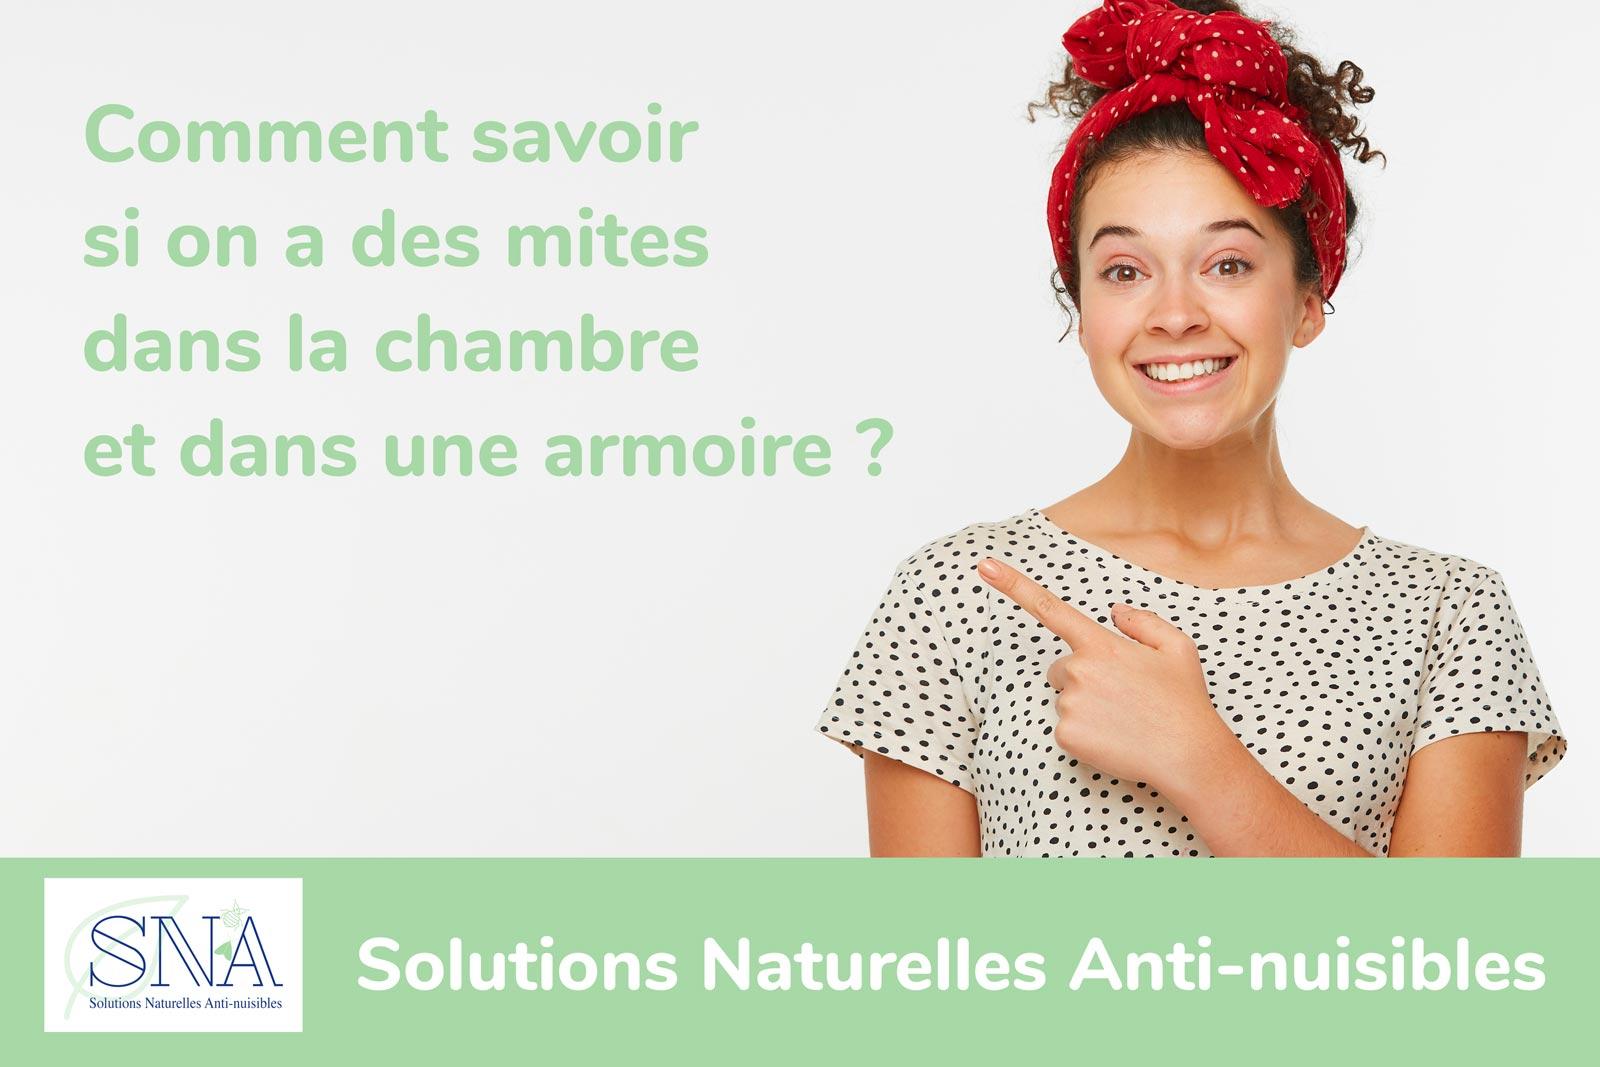 Comment savoir si on a des mites dans la chambre et dans une armoire avec l'entreprise SNA à Toulouse